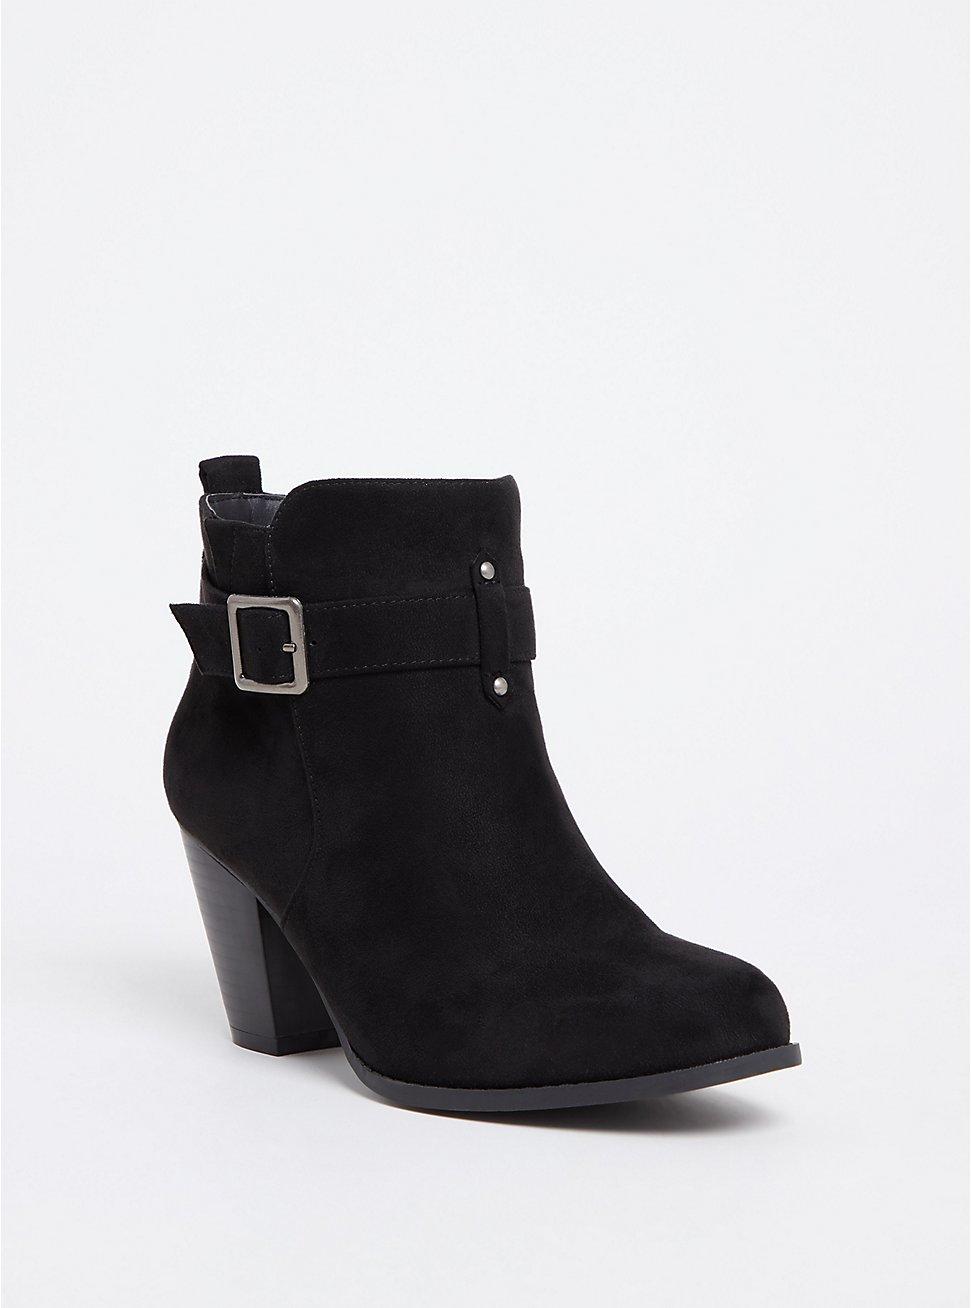 Plus Size Black Faux Suede Buckle Bootie (WW), BLACK, hi-res